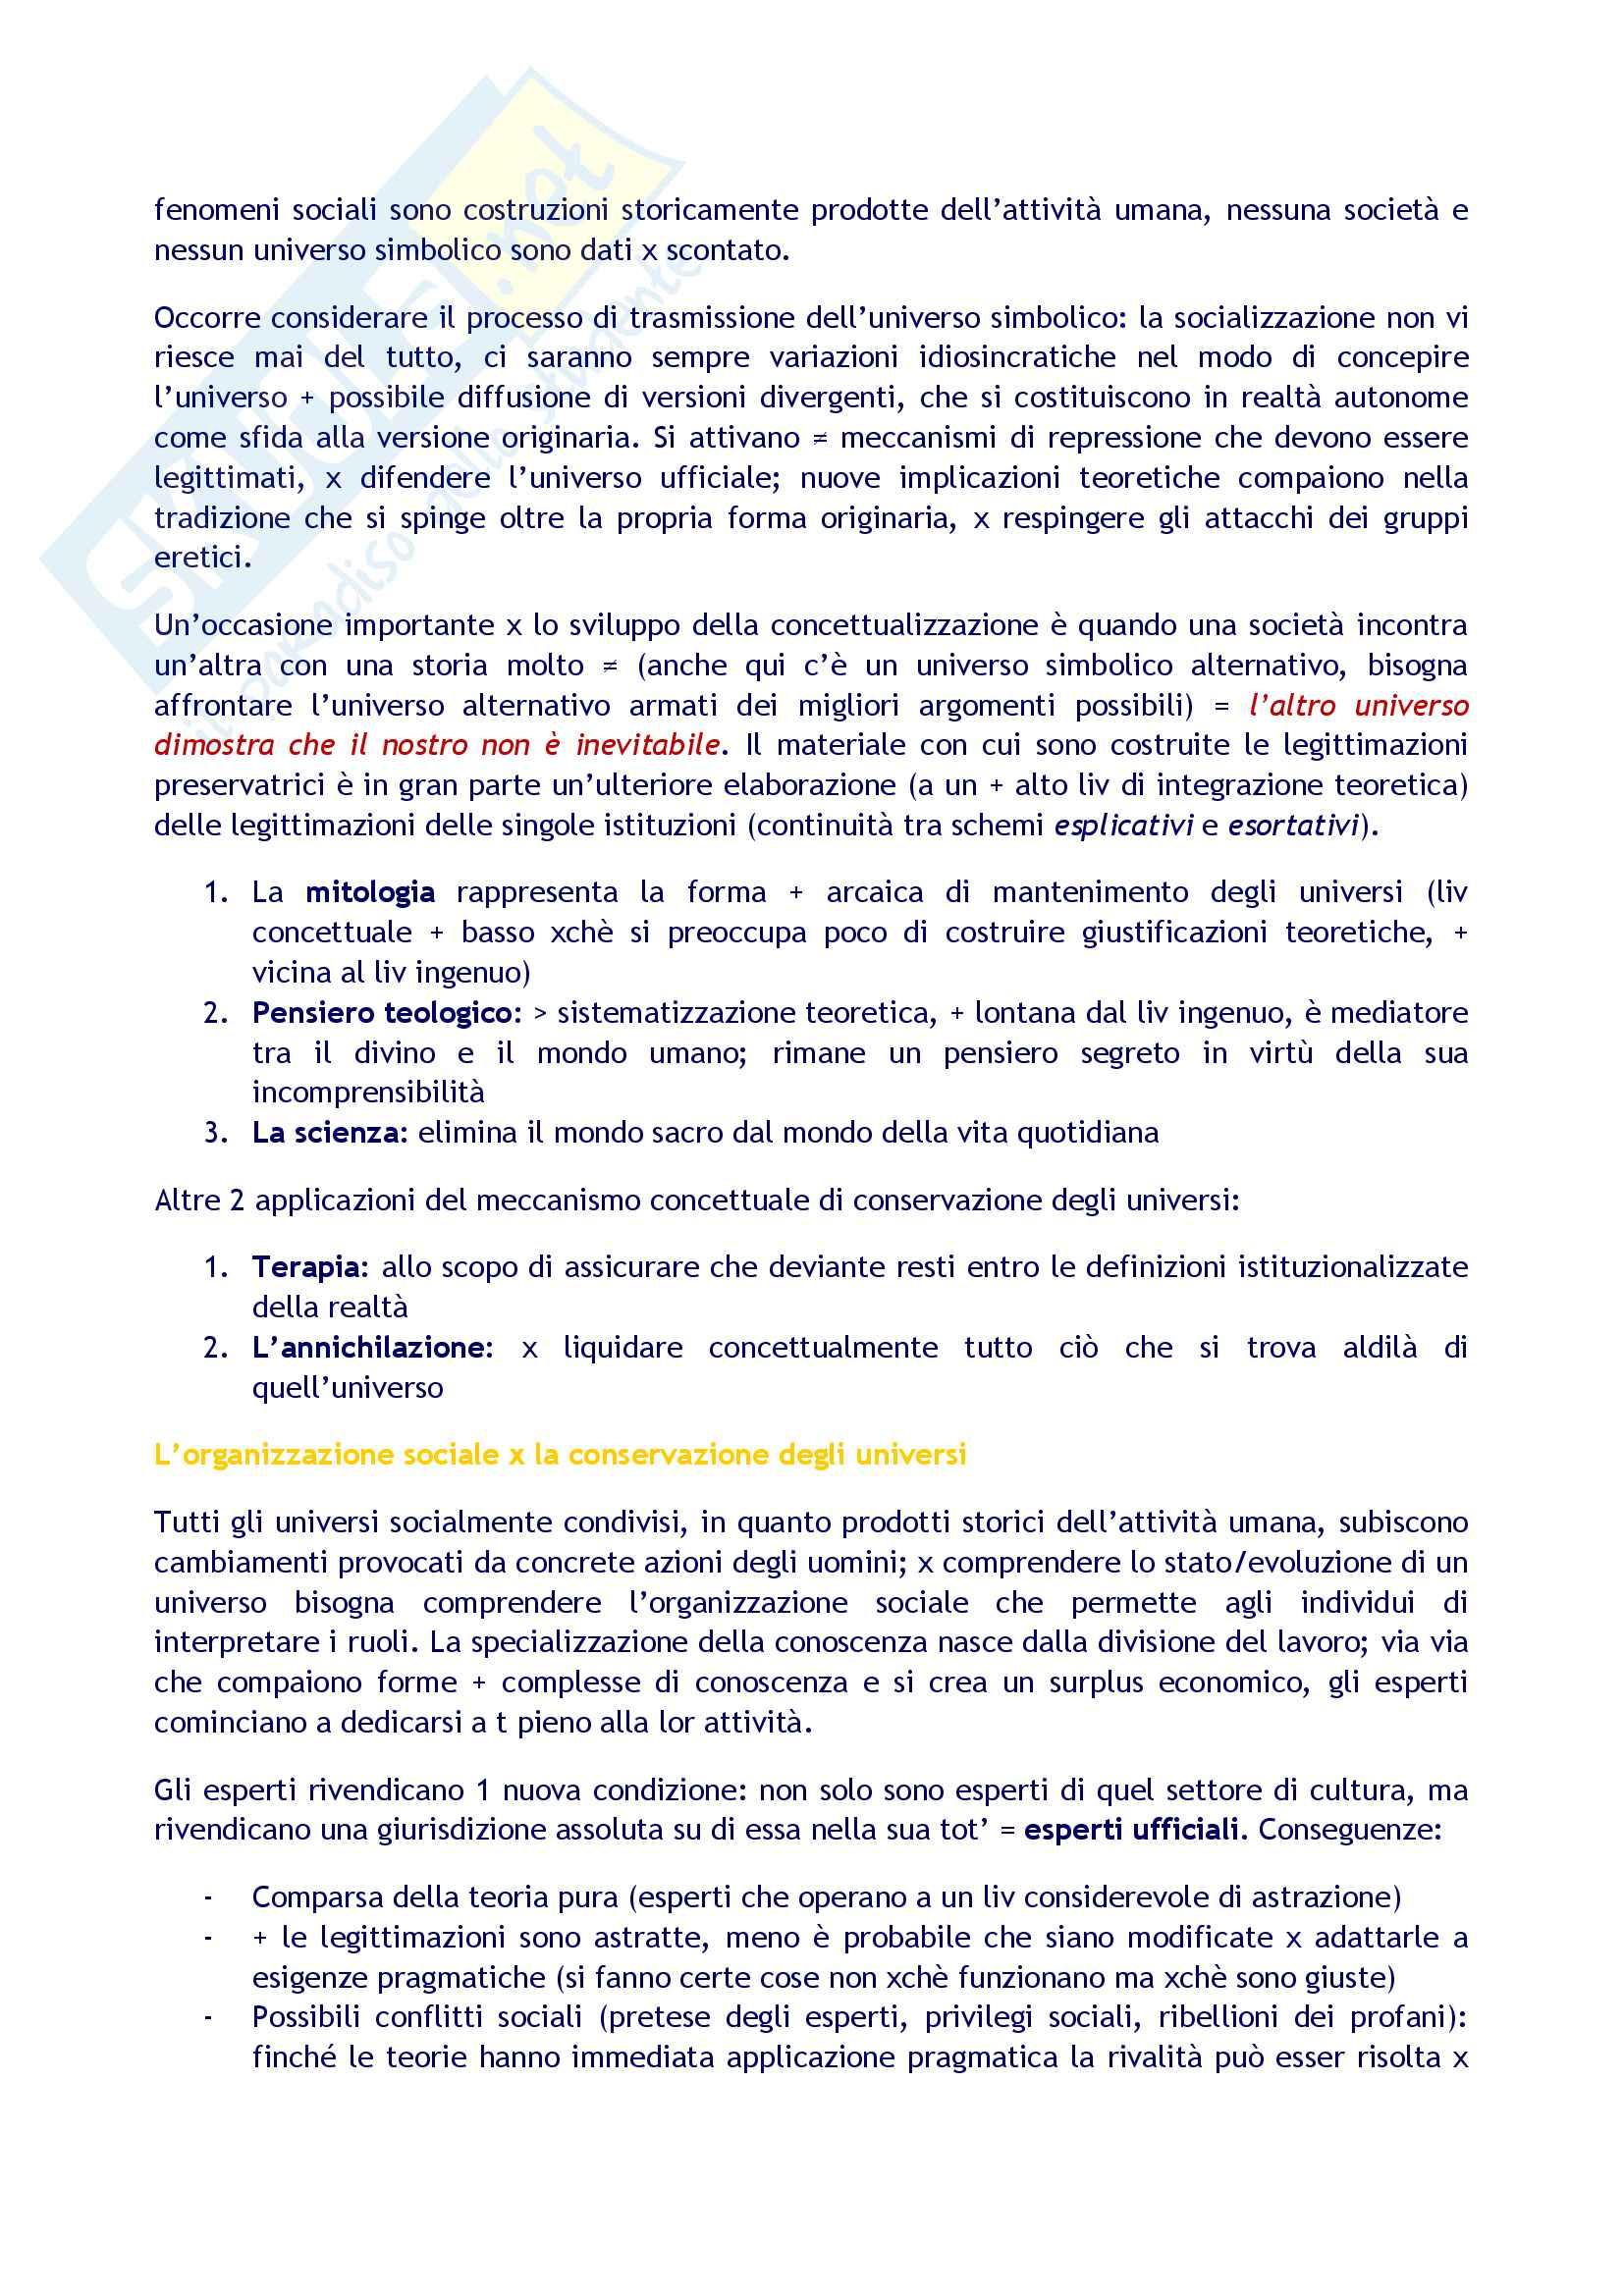 Sunto per l'esame di Sociologia della conoscenza, prof. Borgna. Libro consigliato La realtà come costruzione sociale, di Berger , Luckmann Pag. 11